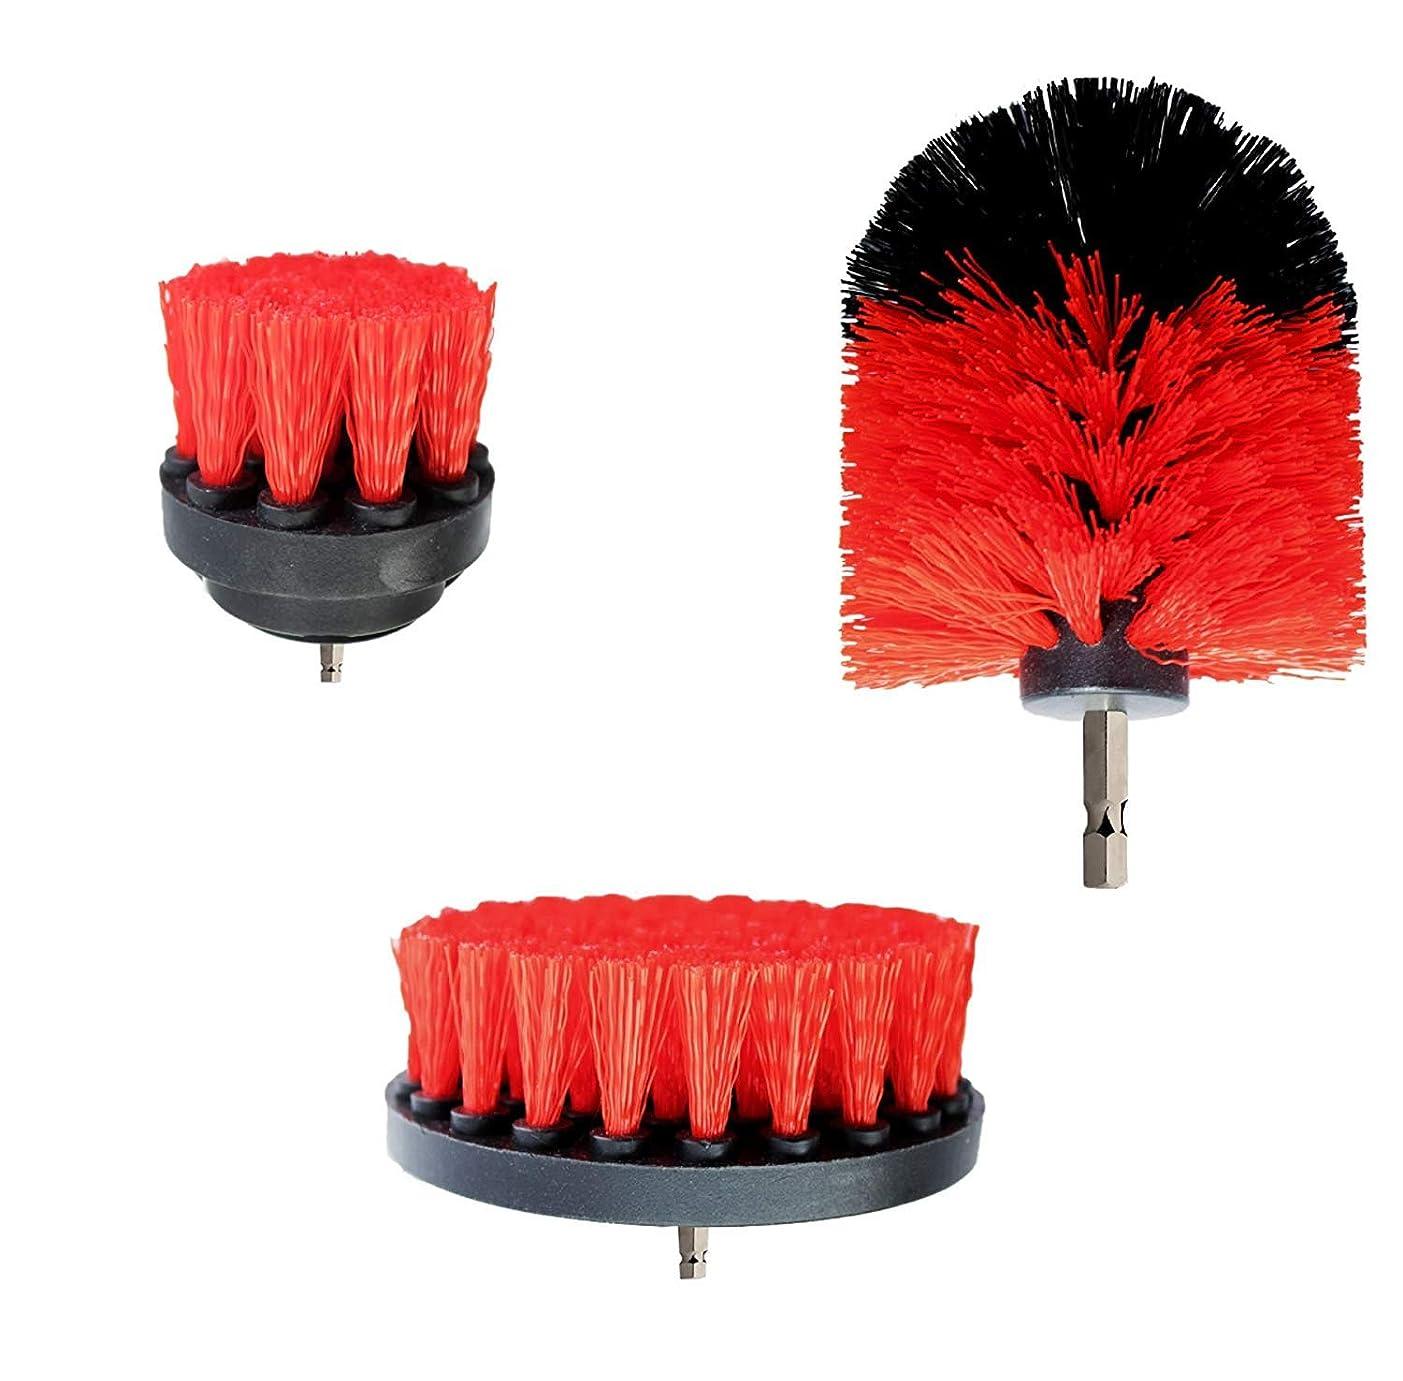 電動掃除用ブラシ 3点セット 風呂掃除 台所掃除 浴室掃除用ブラシ 六角軸電動ドリルに適応 (レッド)